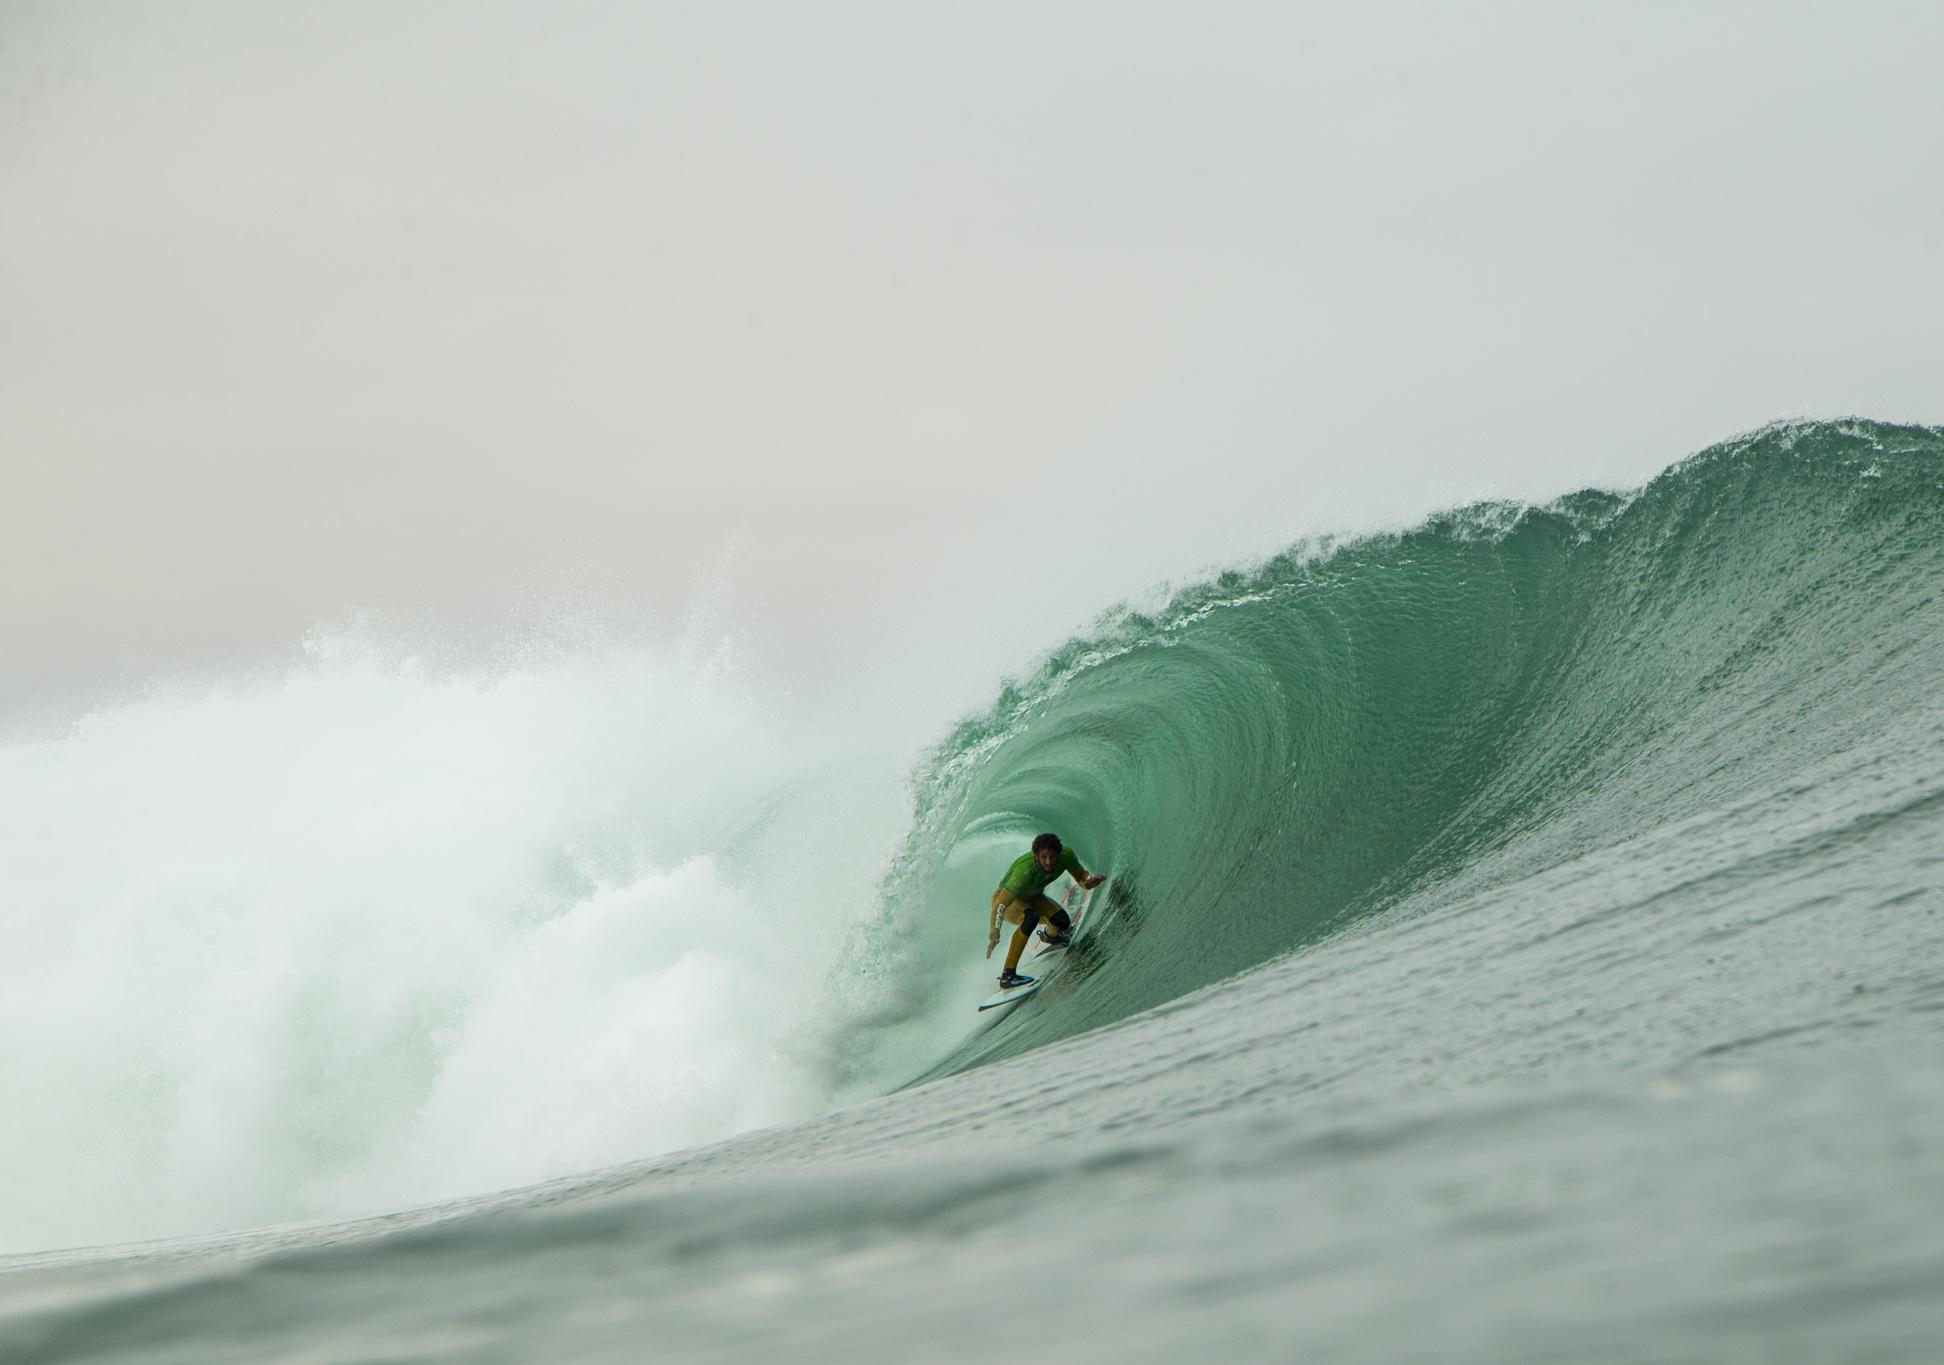 Lucas Chianca brilla en los tubos del Maui and Sons Arica Pro en Chile